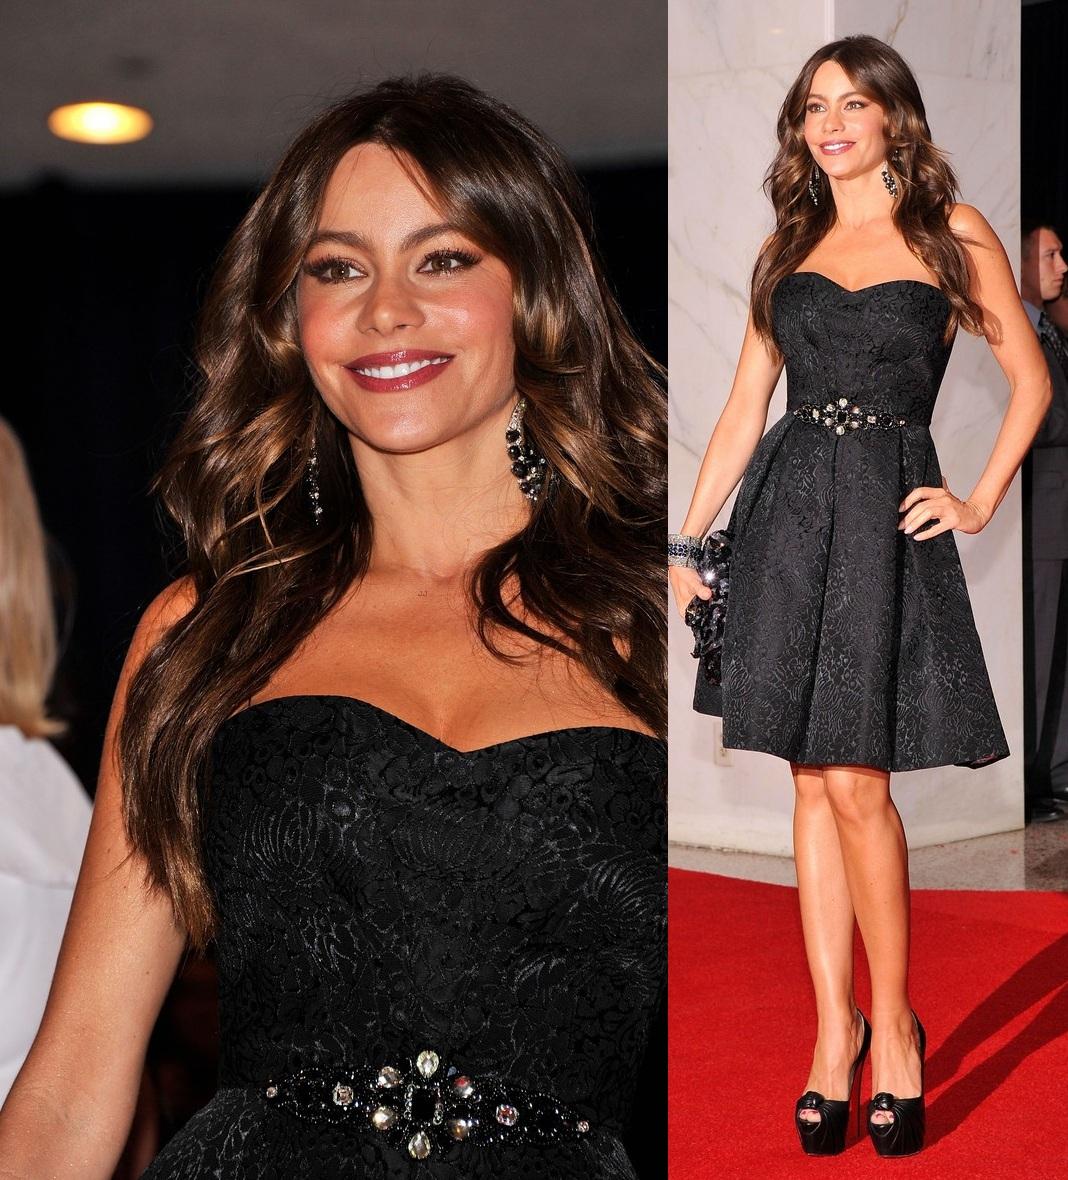 ¿Cuál creeis que es la altura ideal de una mujer? - Página 2 Sofia+Vergara+in+David+Meister+-+2012+White+House+Correspondants+Dinner